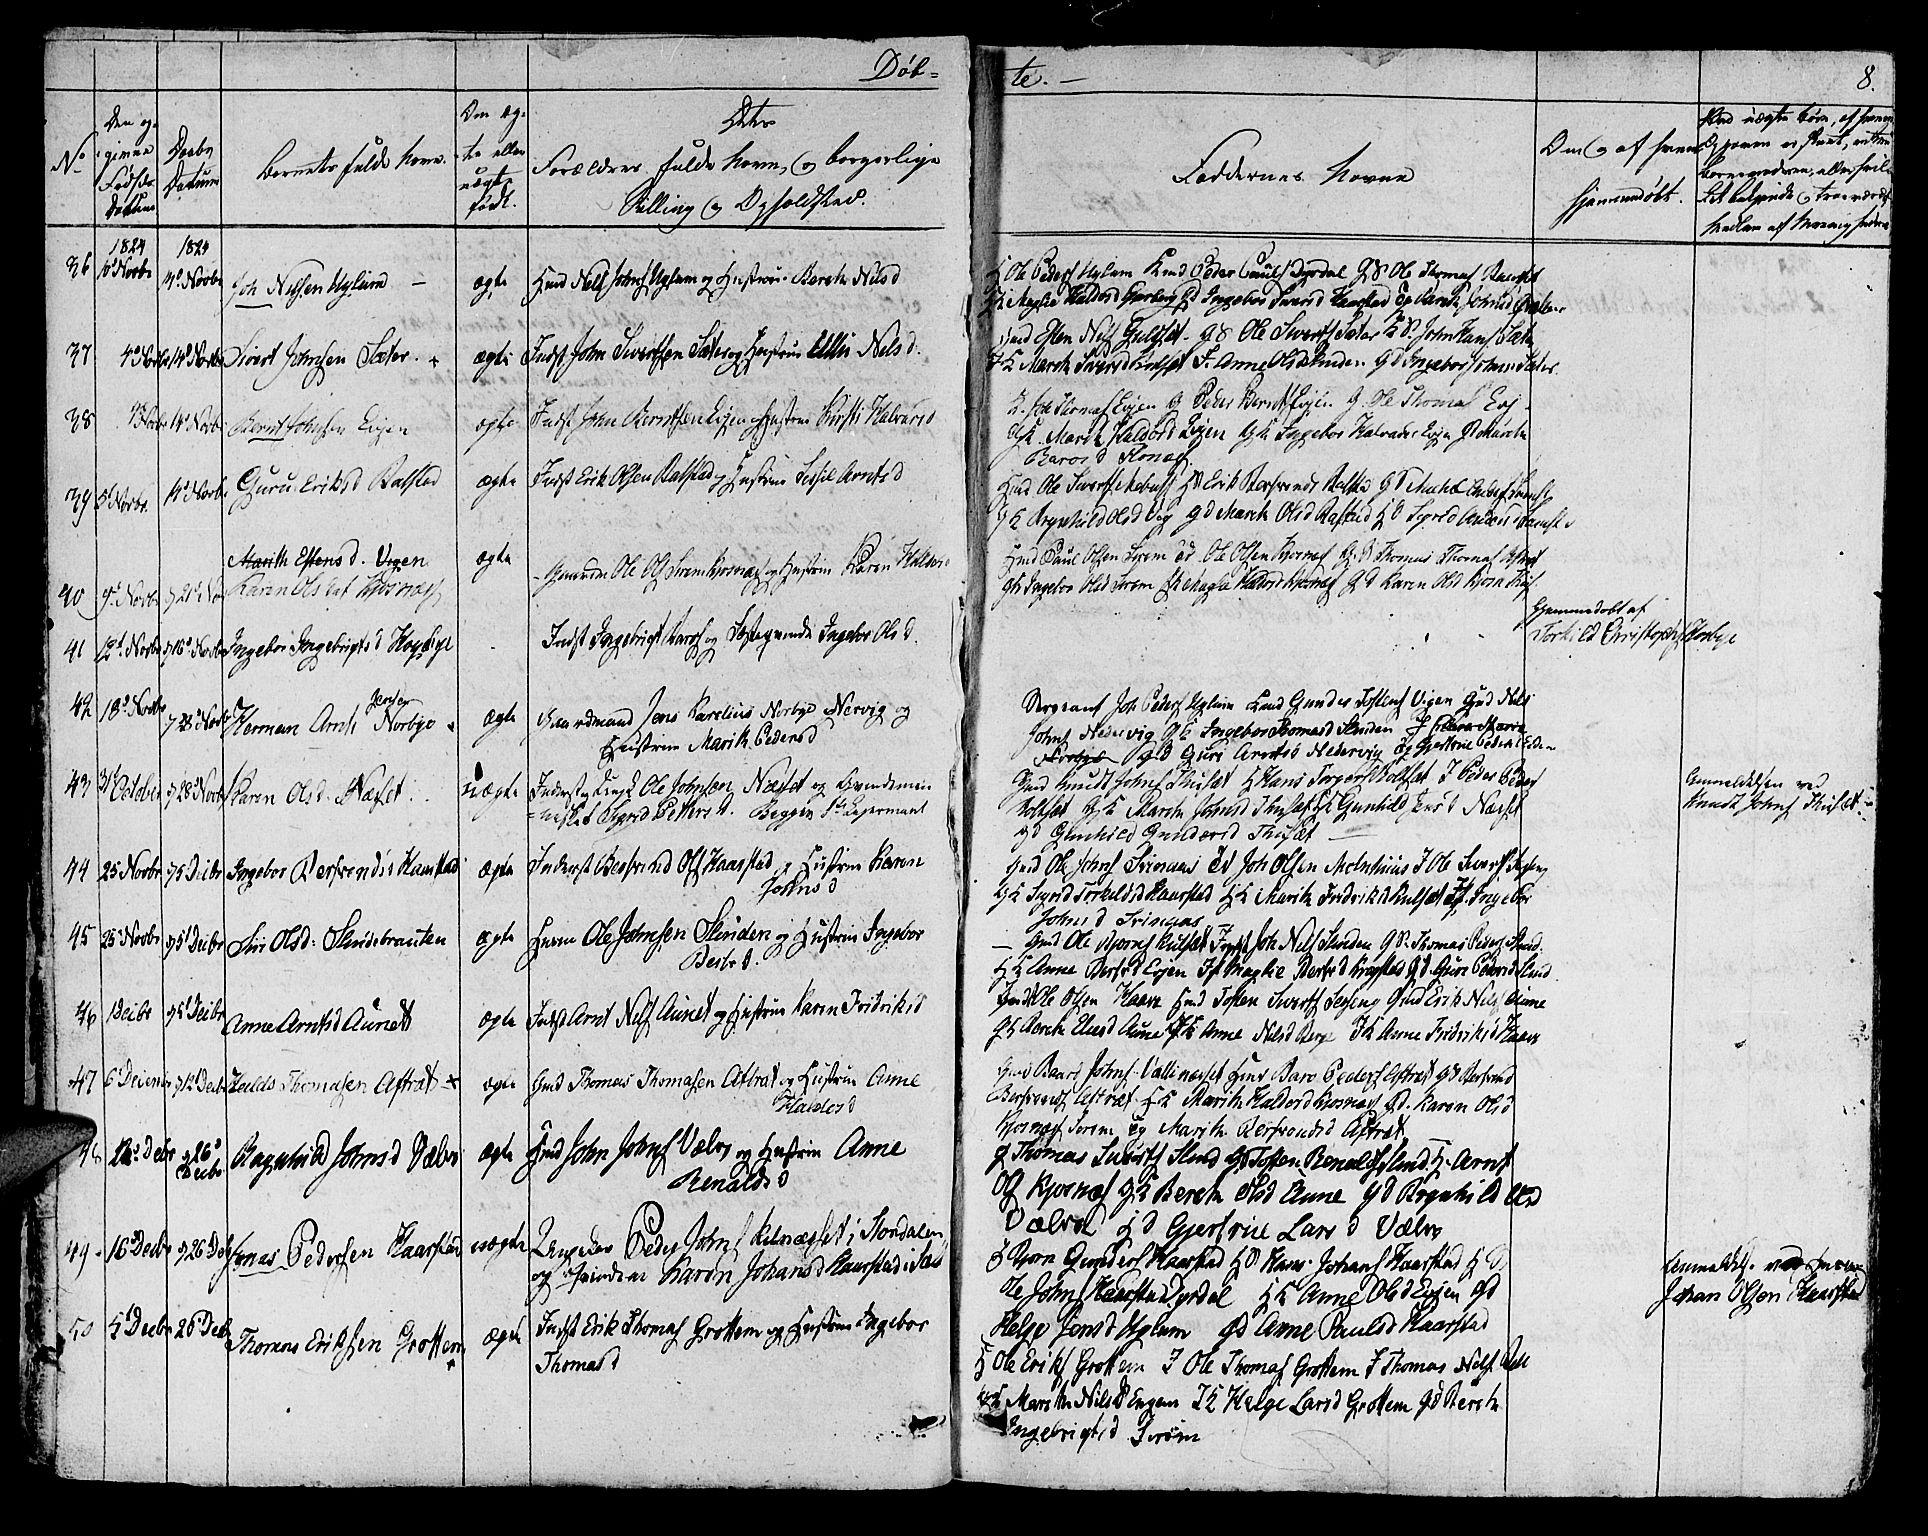 SAT, Ministerialprotokoller, klokkerbøker og fødselsregistre - Sør-Trøndelag, 695/L1143: Ministerialbok nr. 695A05 /1, 1824-1842, s. 8